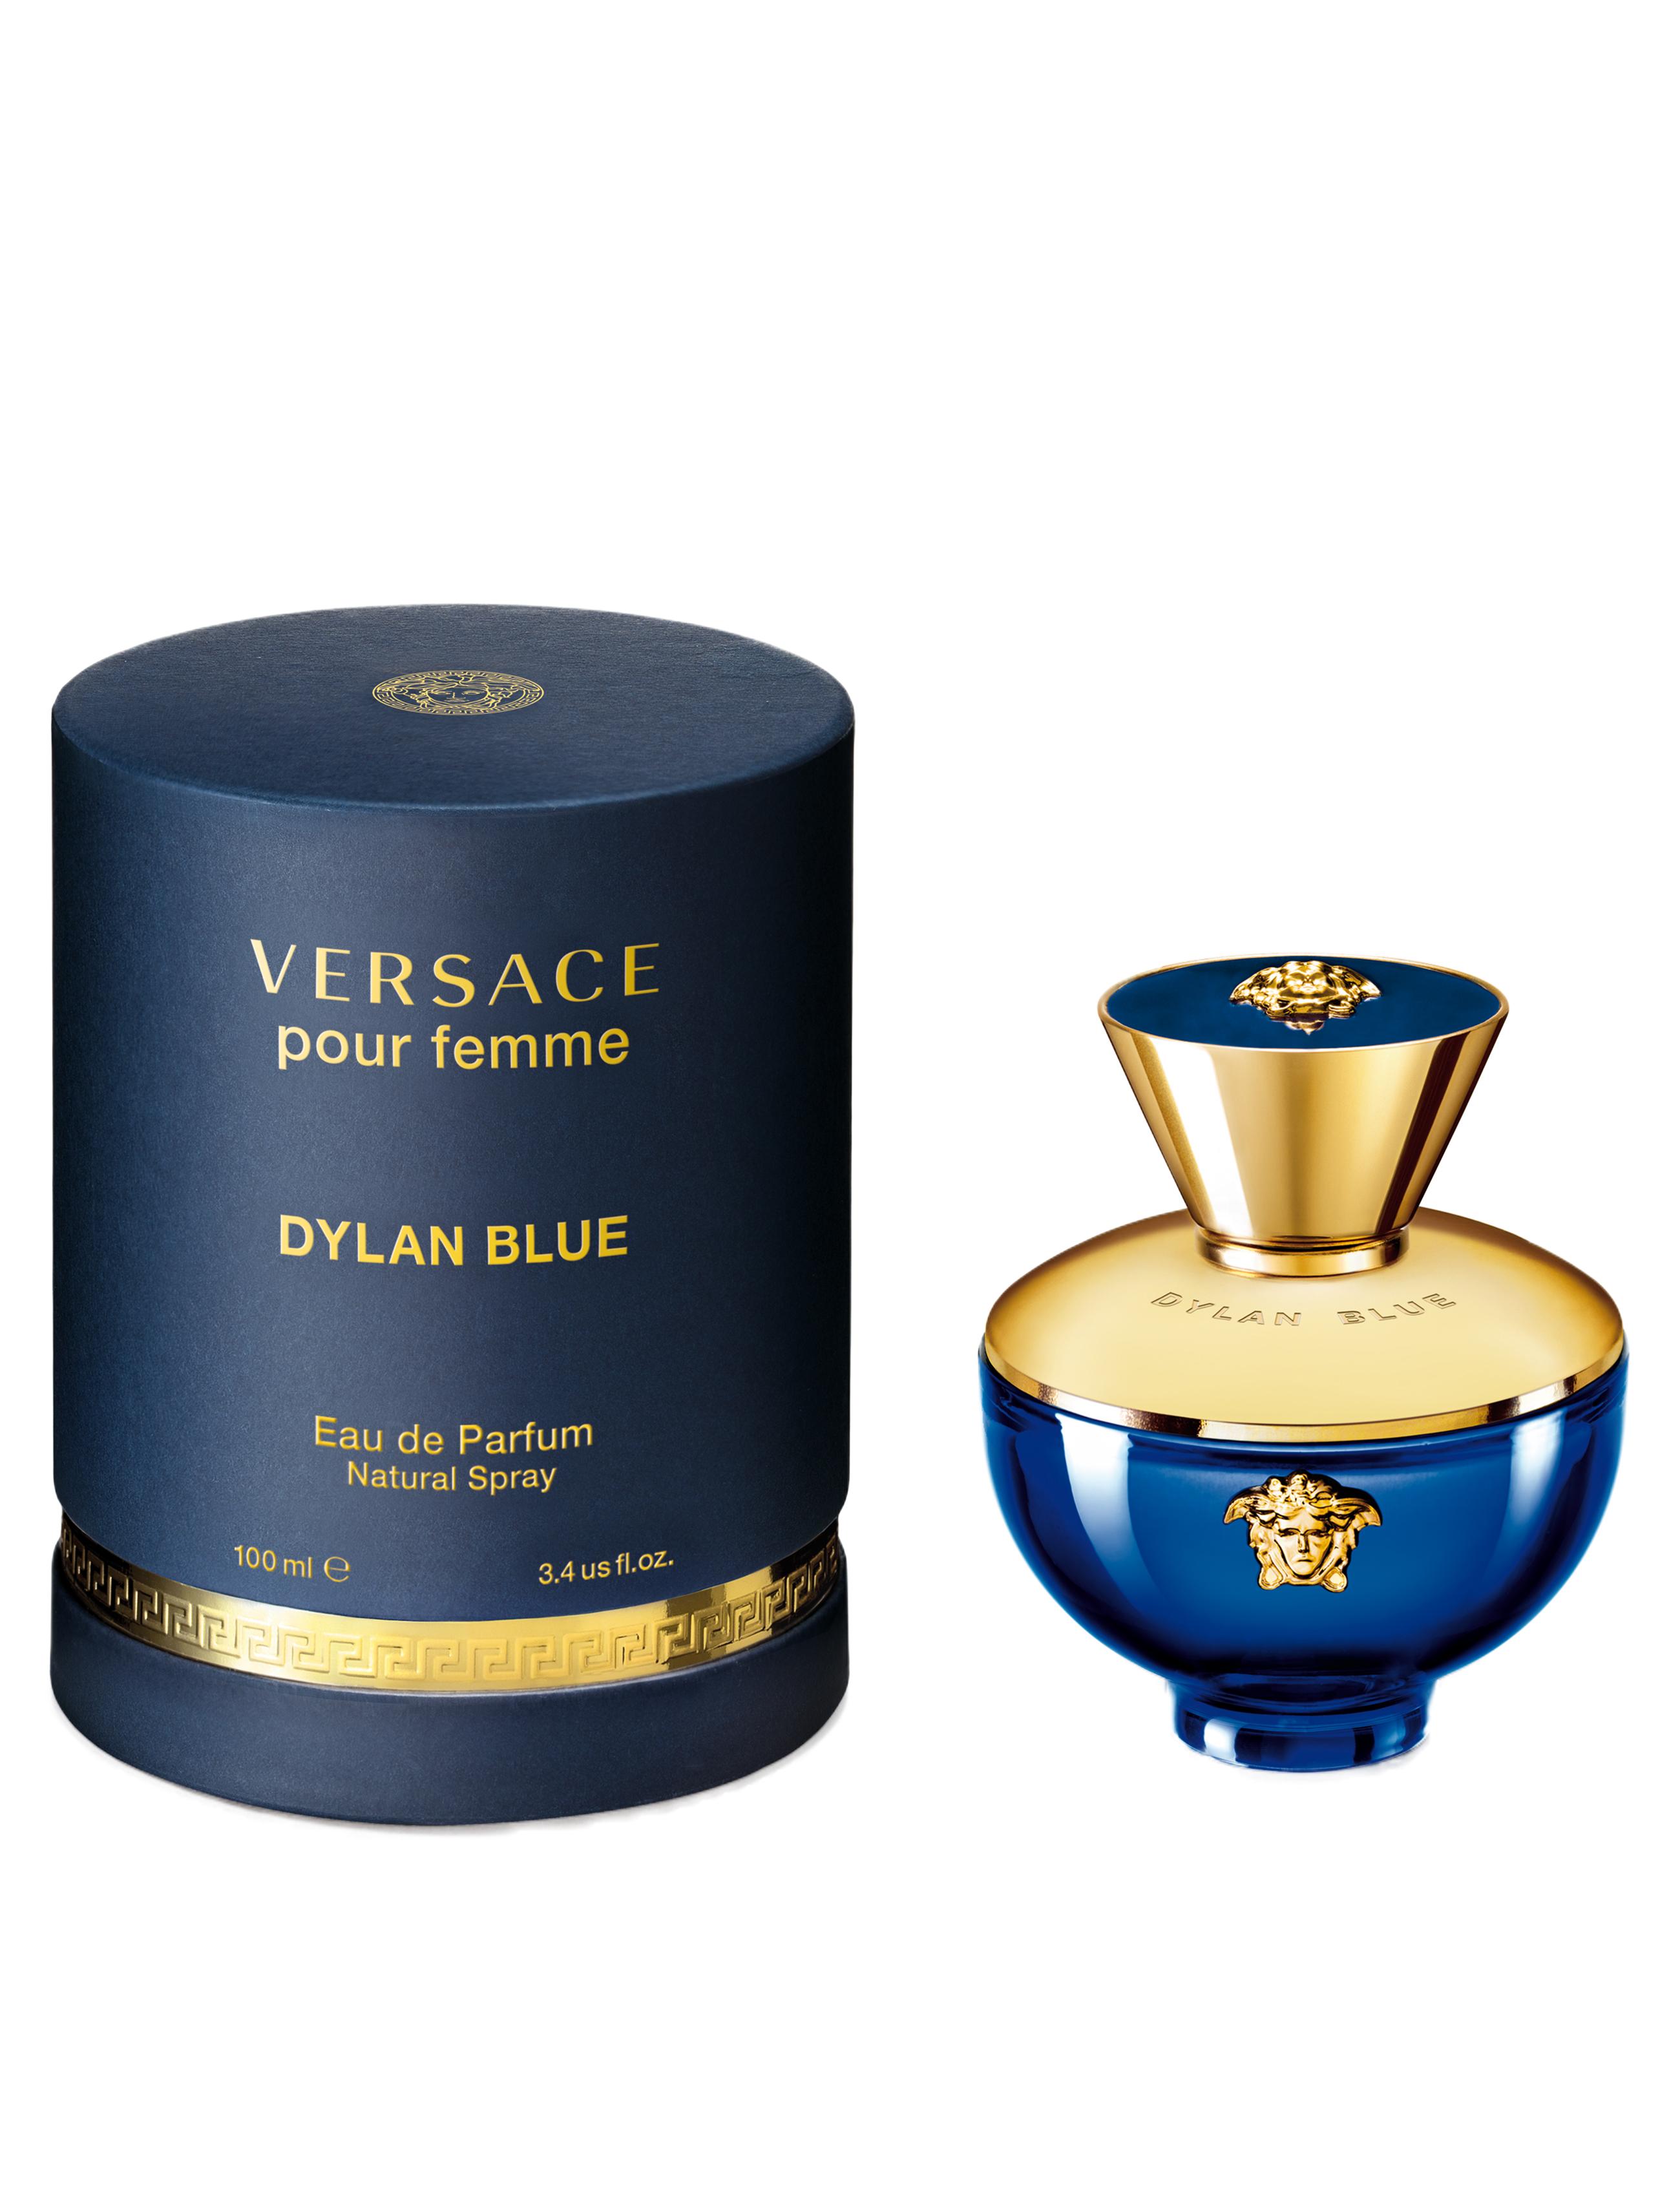 Versace Dylan Blue Pour Femme EDP, 100 ml